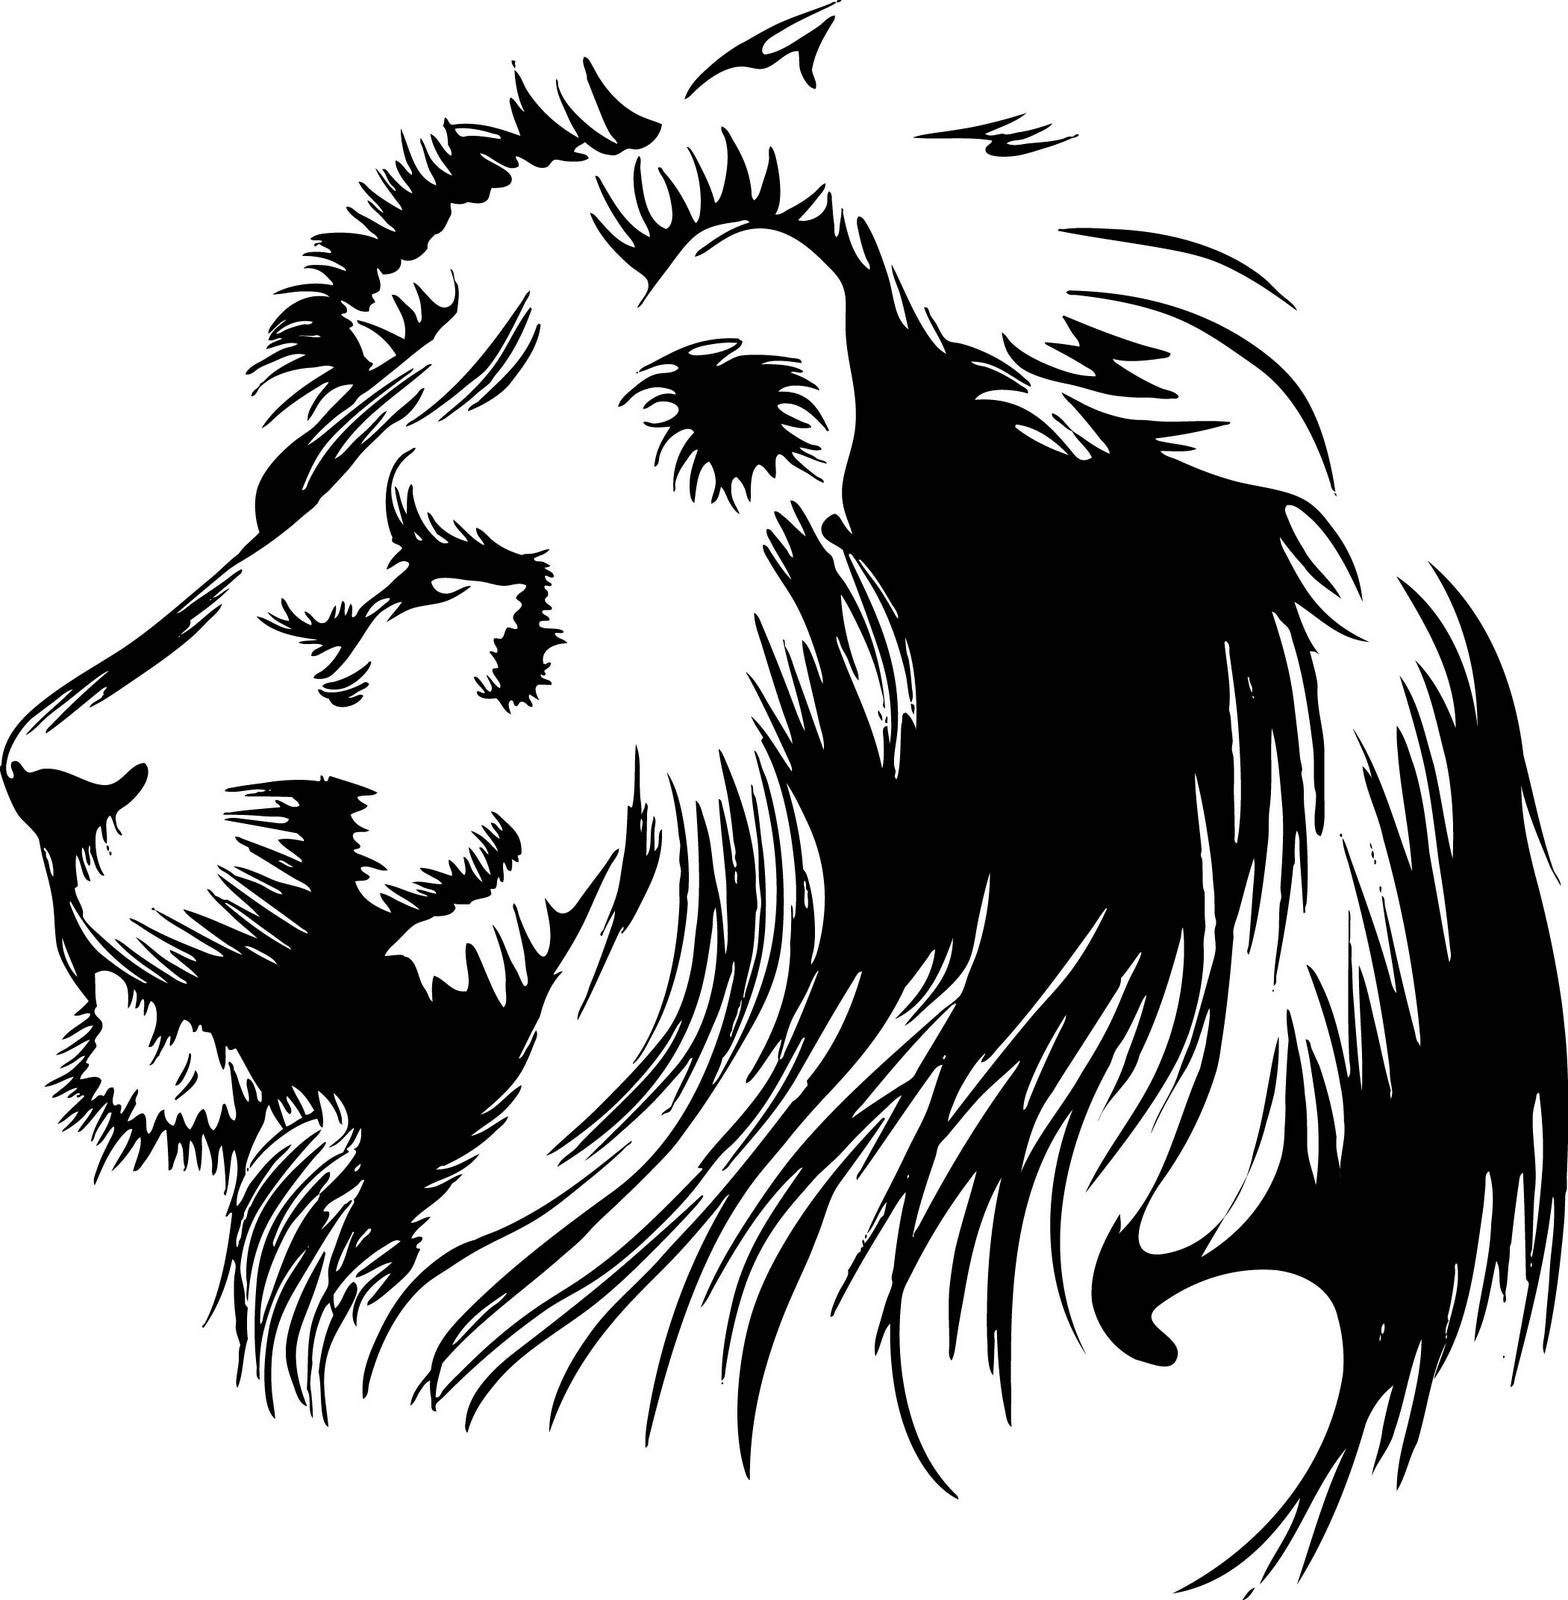 14 Lion Vector Art Images